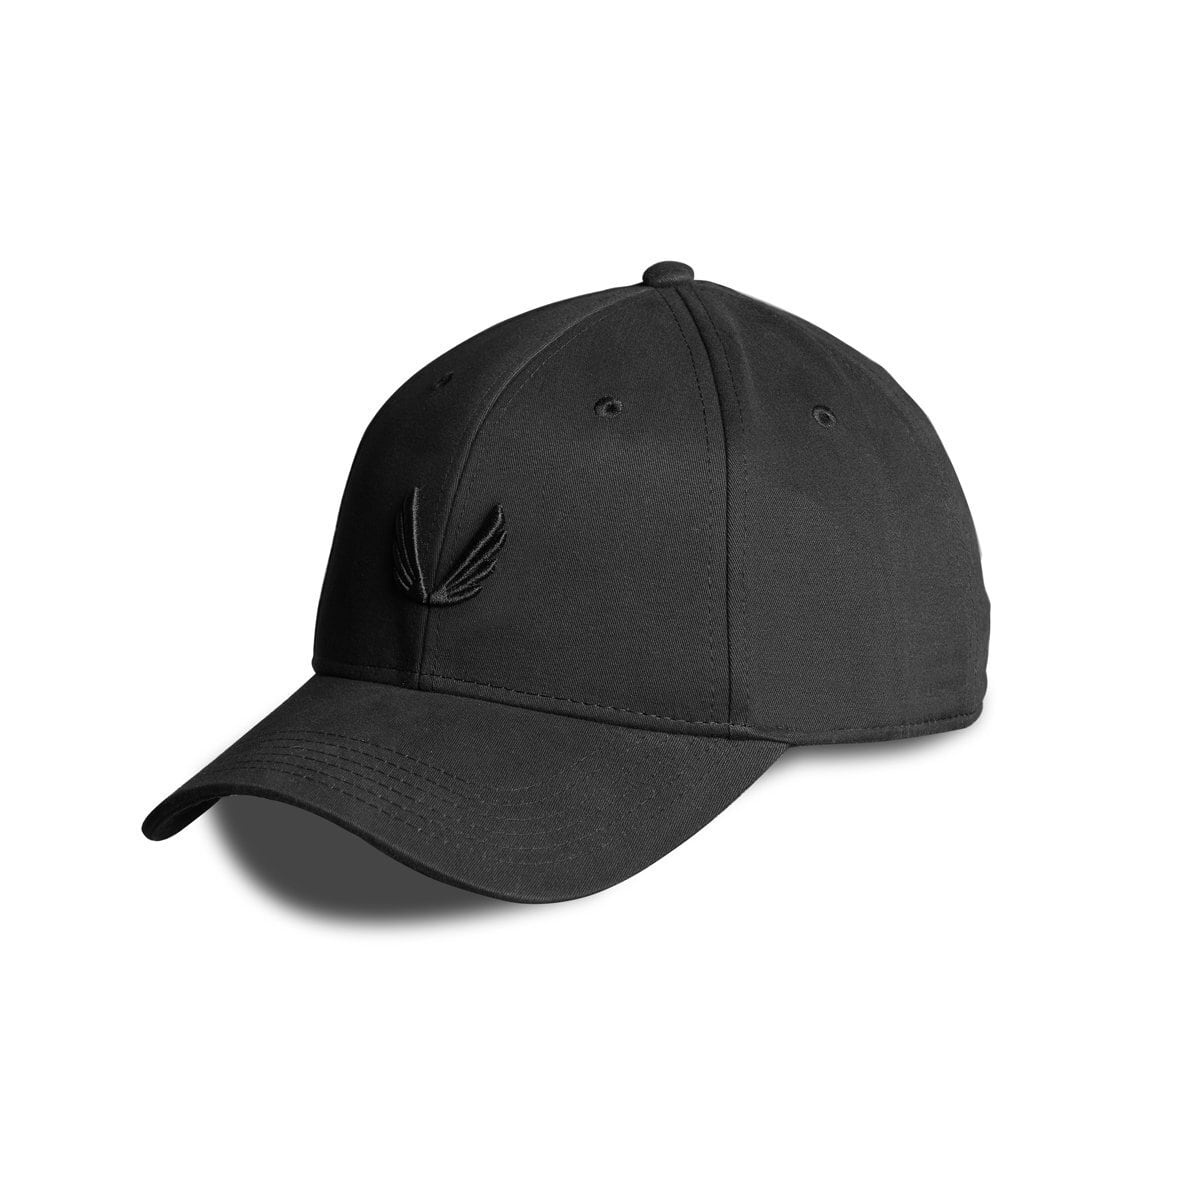 完売御礼【ASRV】ウィング刺繍ロゴキャップ - Black/Black